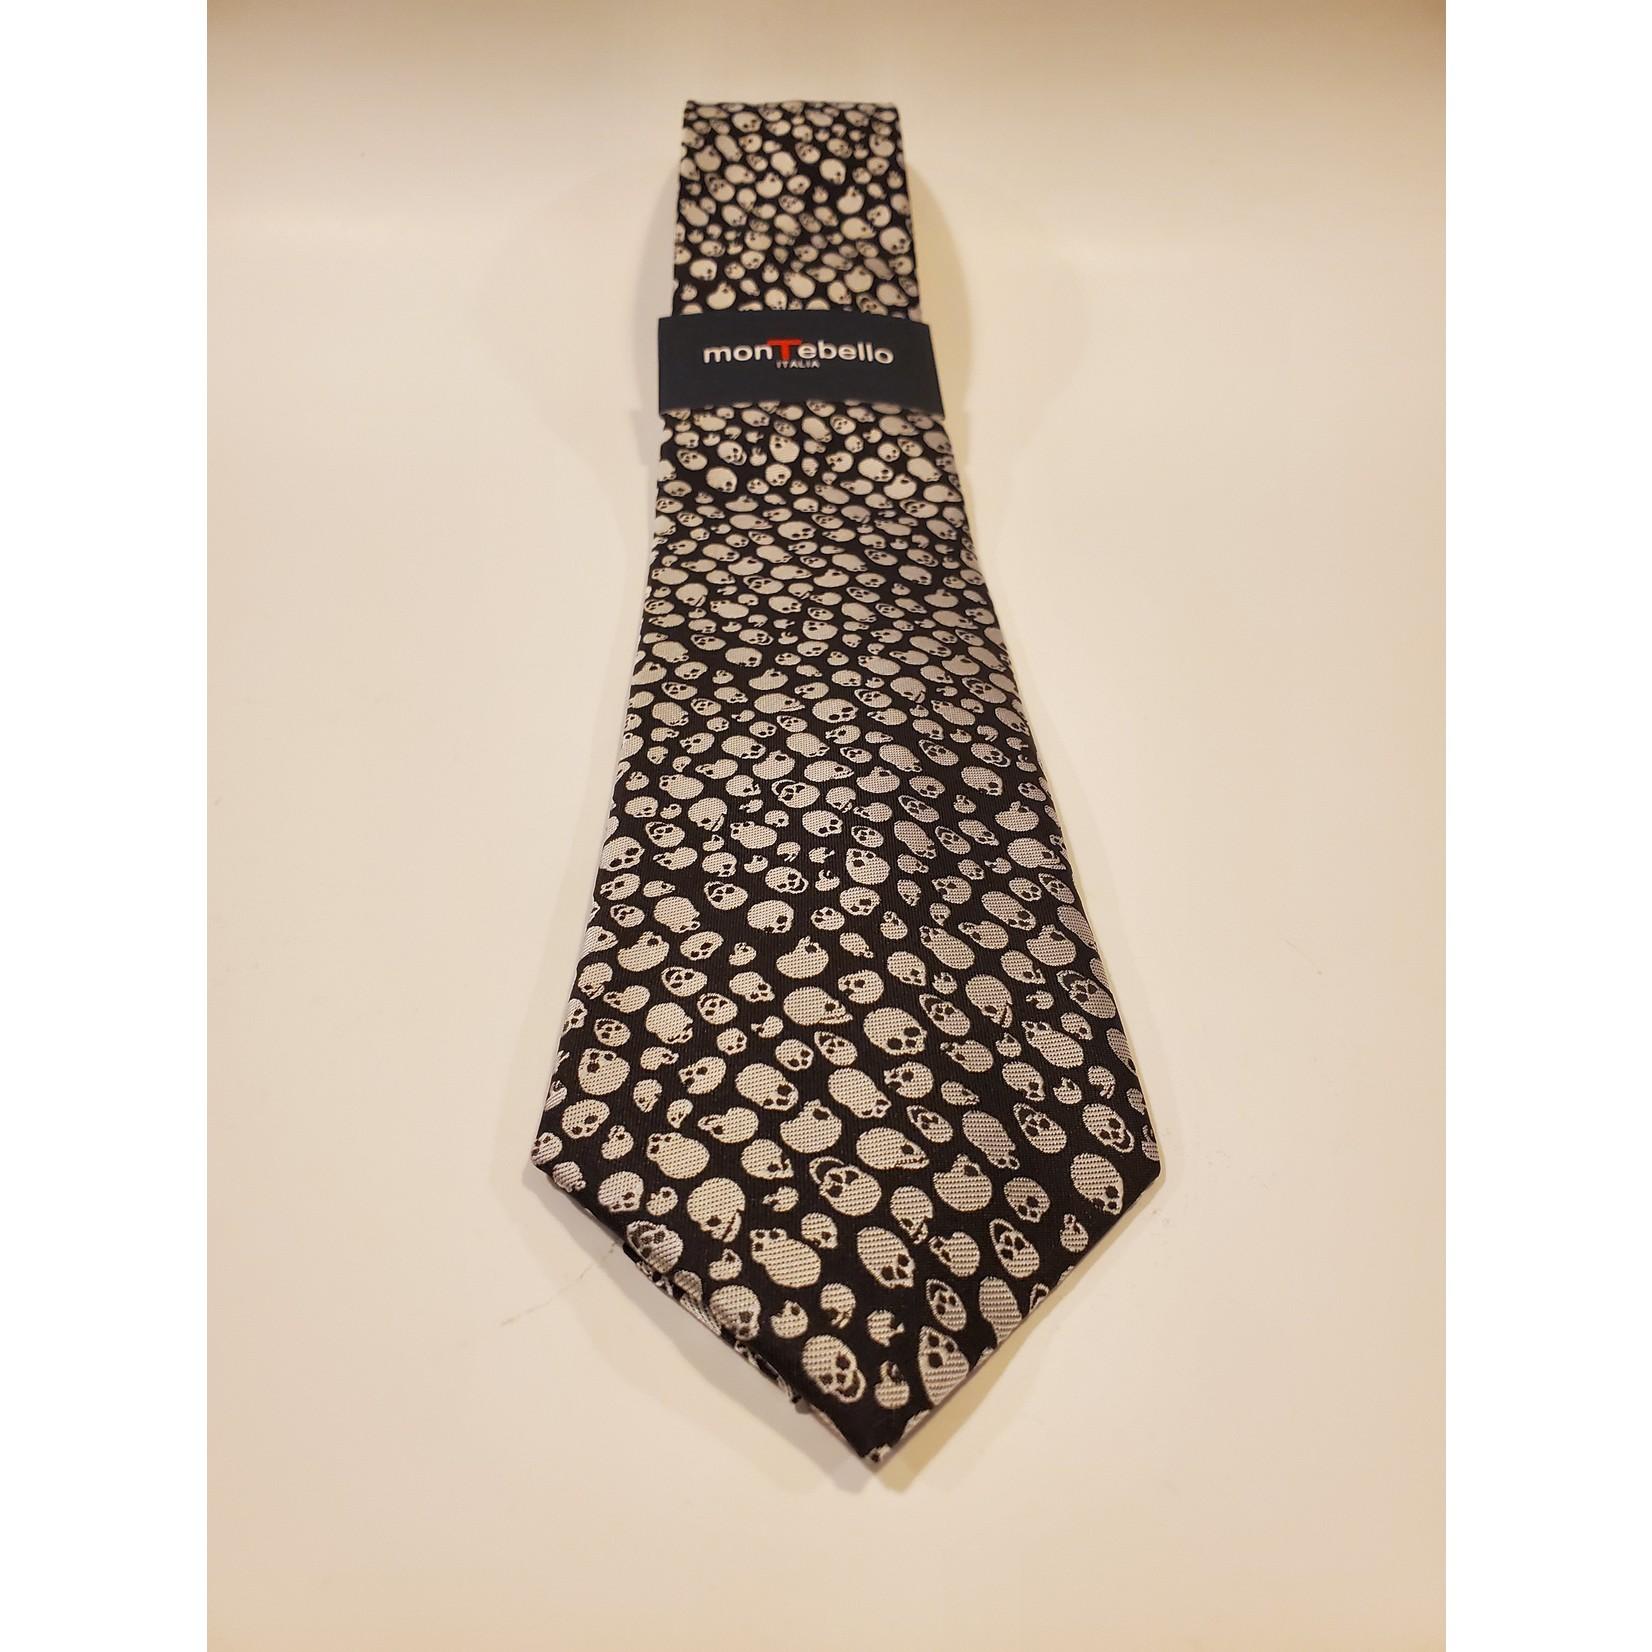 Montebello 1620 Jacquard Silk Tie - White Micro Skulls